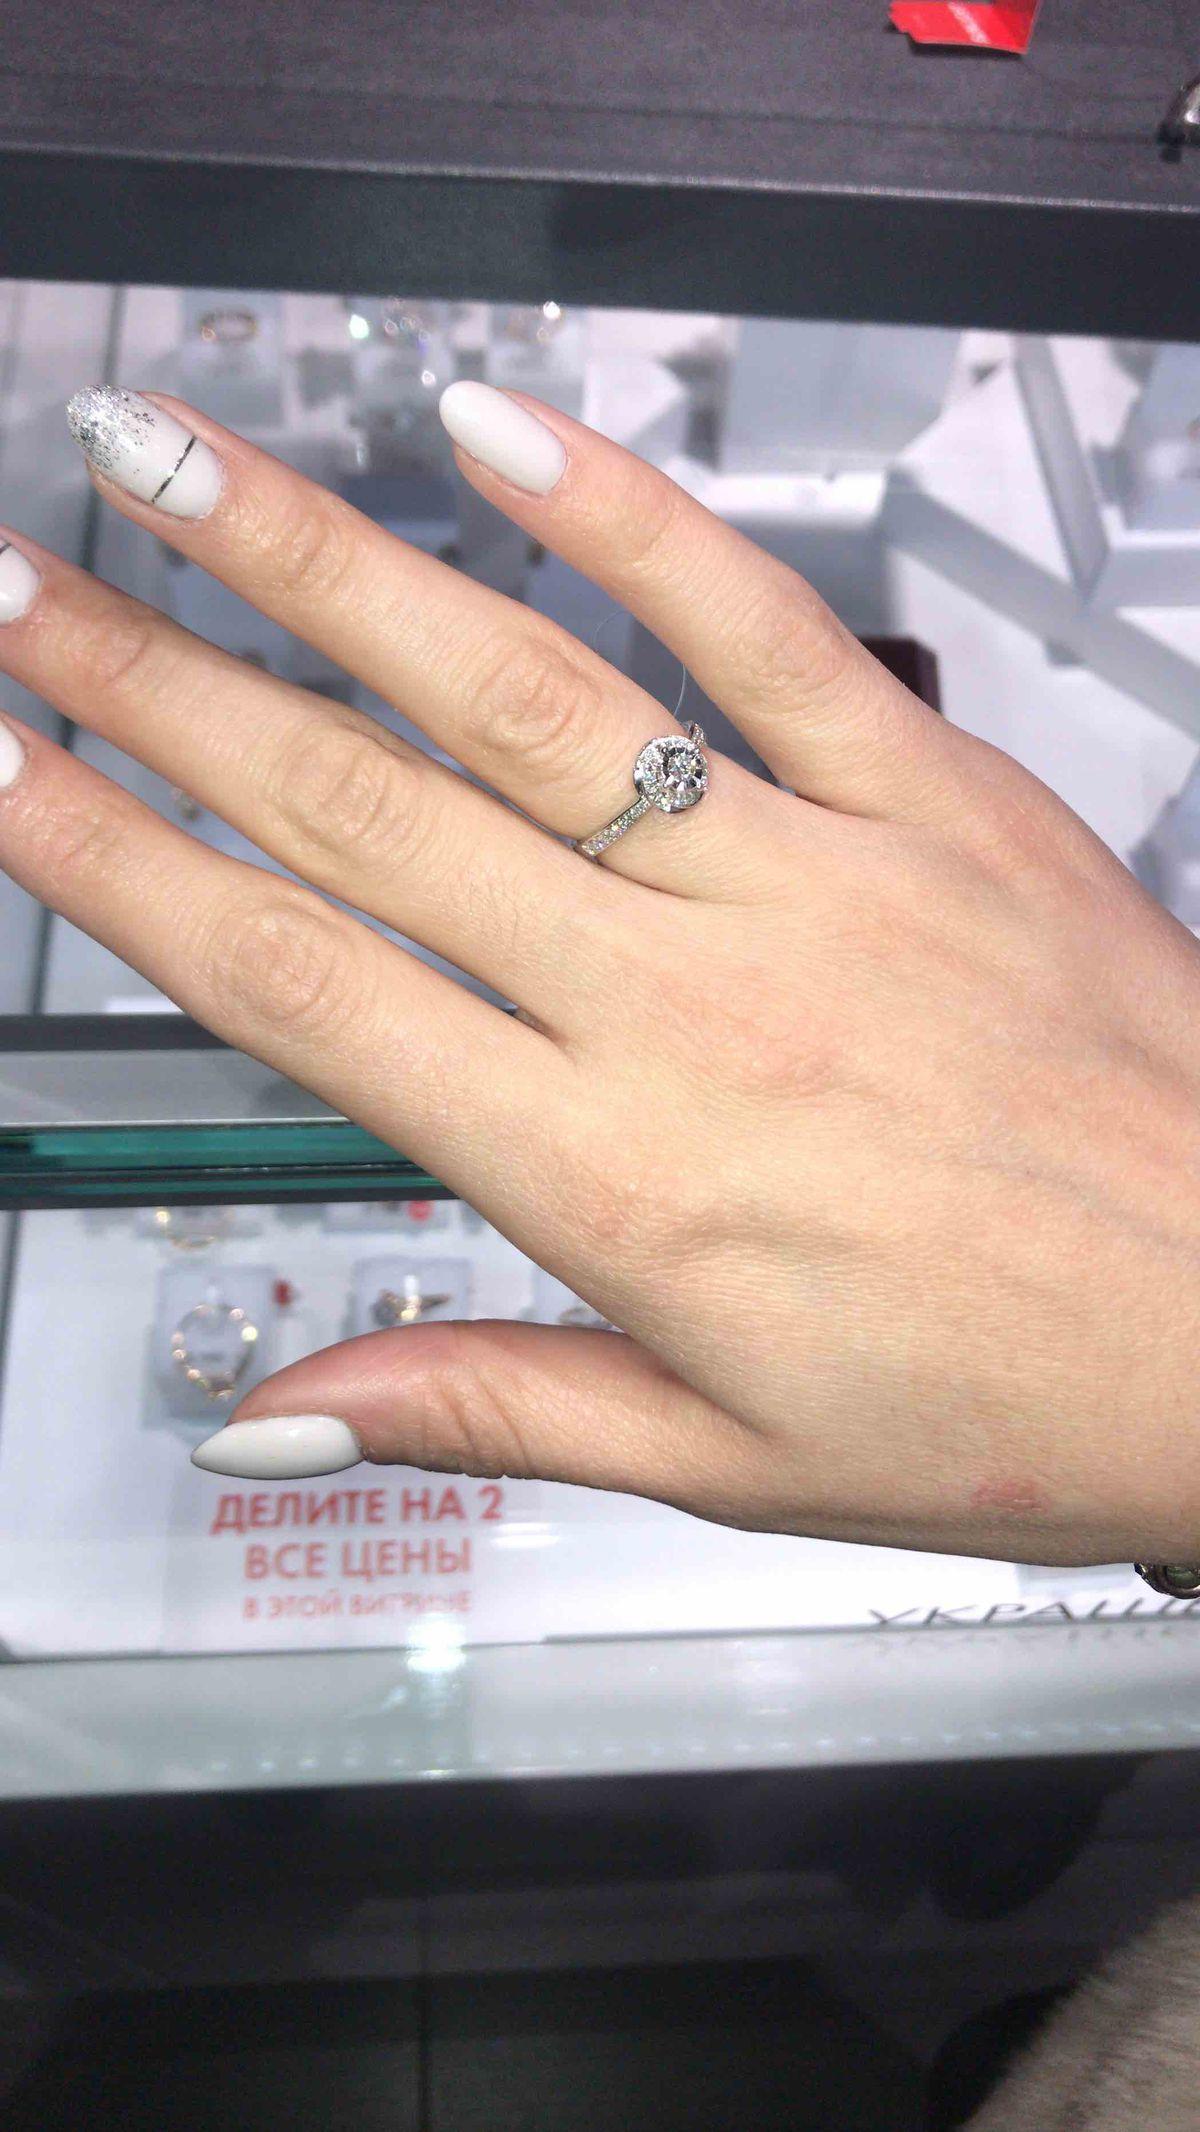 Нежное кольцо 💕